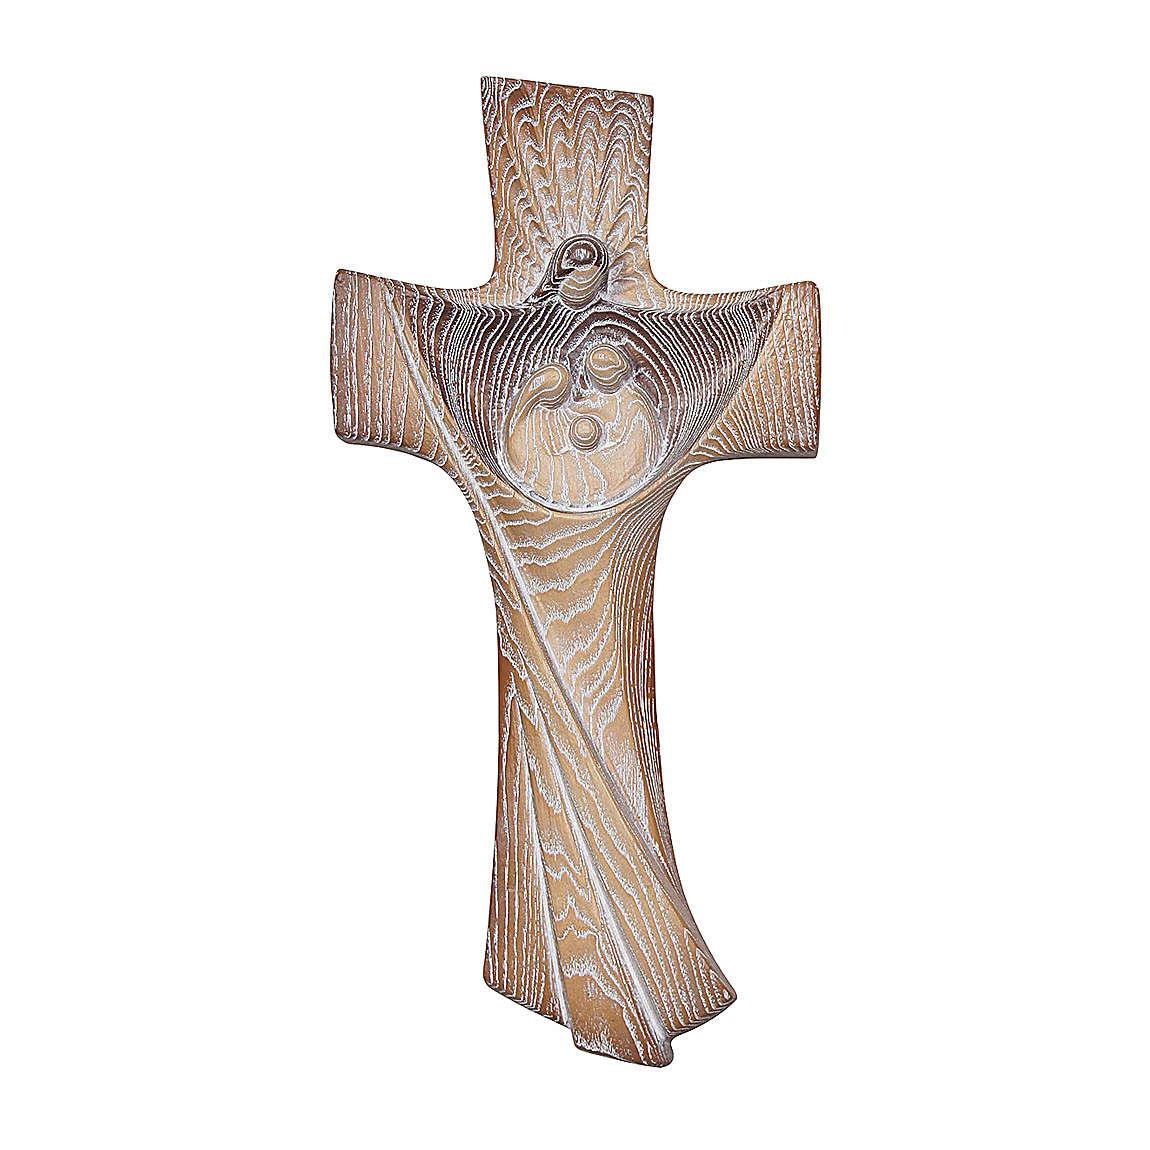 Cruz Ambiente Design Rústico Sagrada Família madeira bordo Val Gardena brunido 3 tons 4